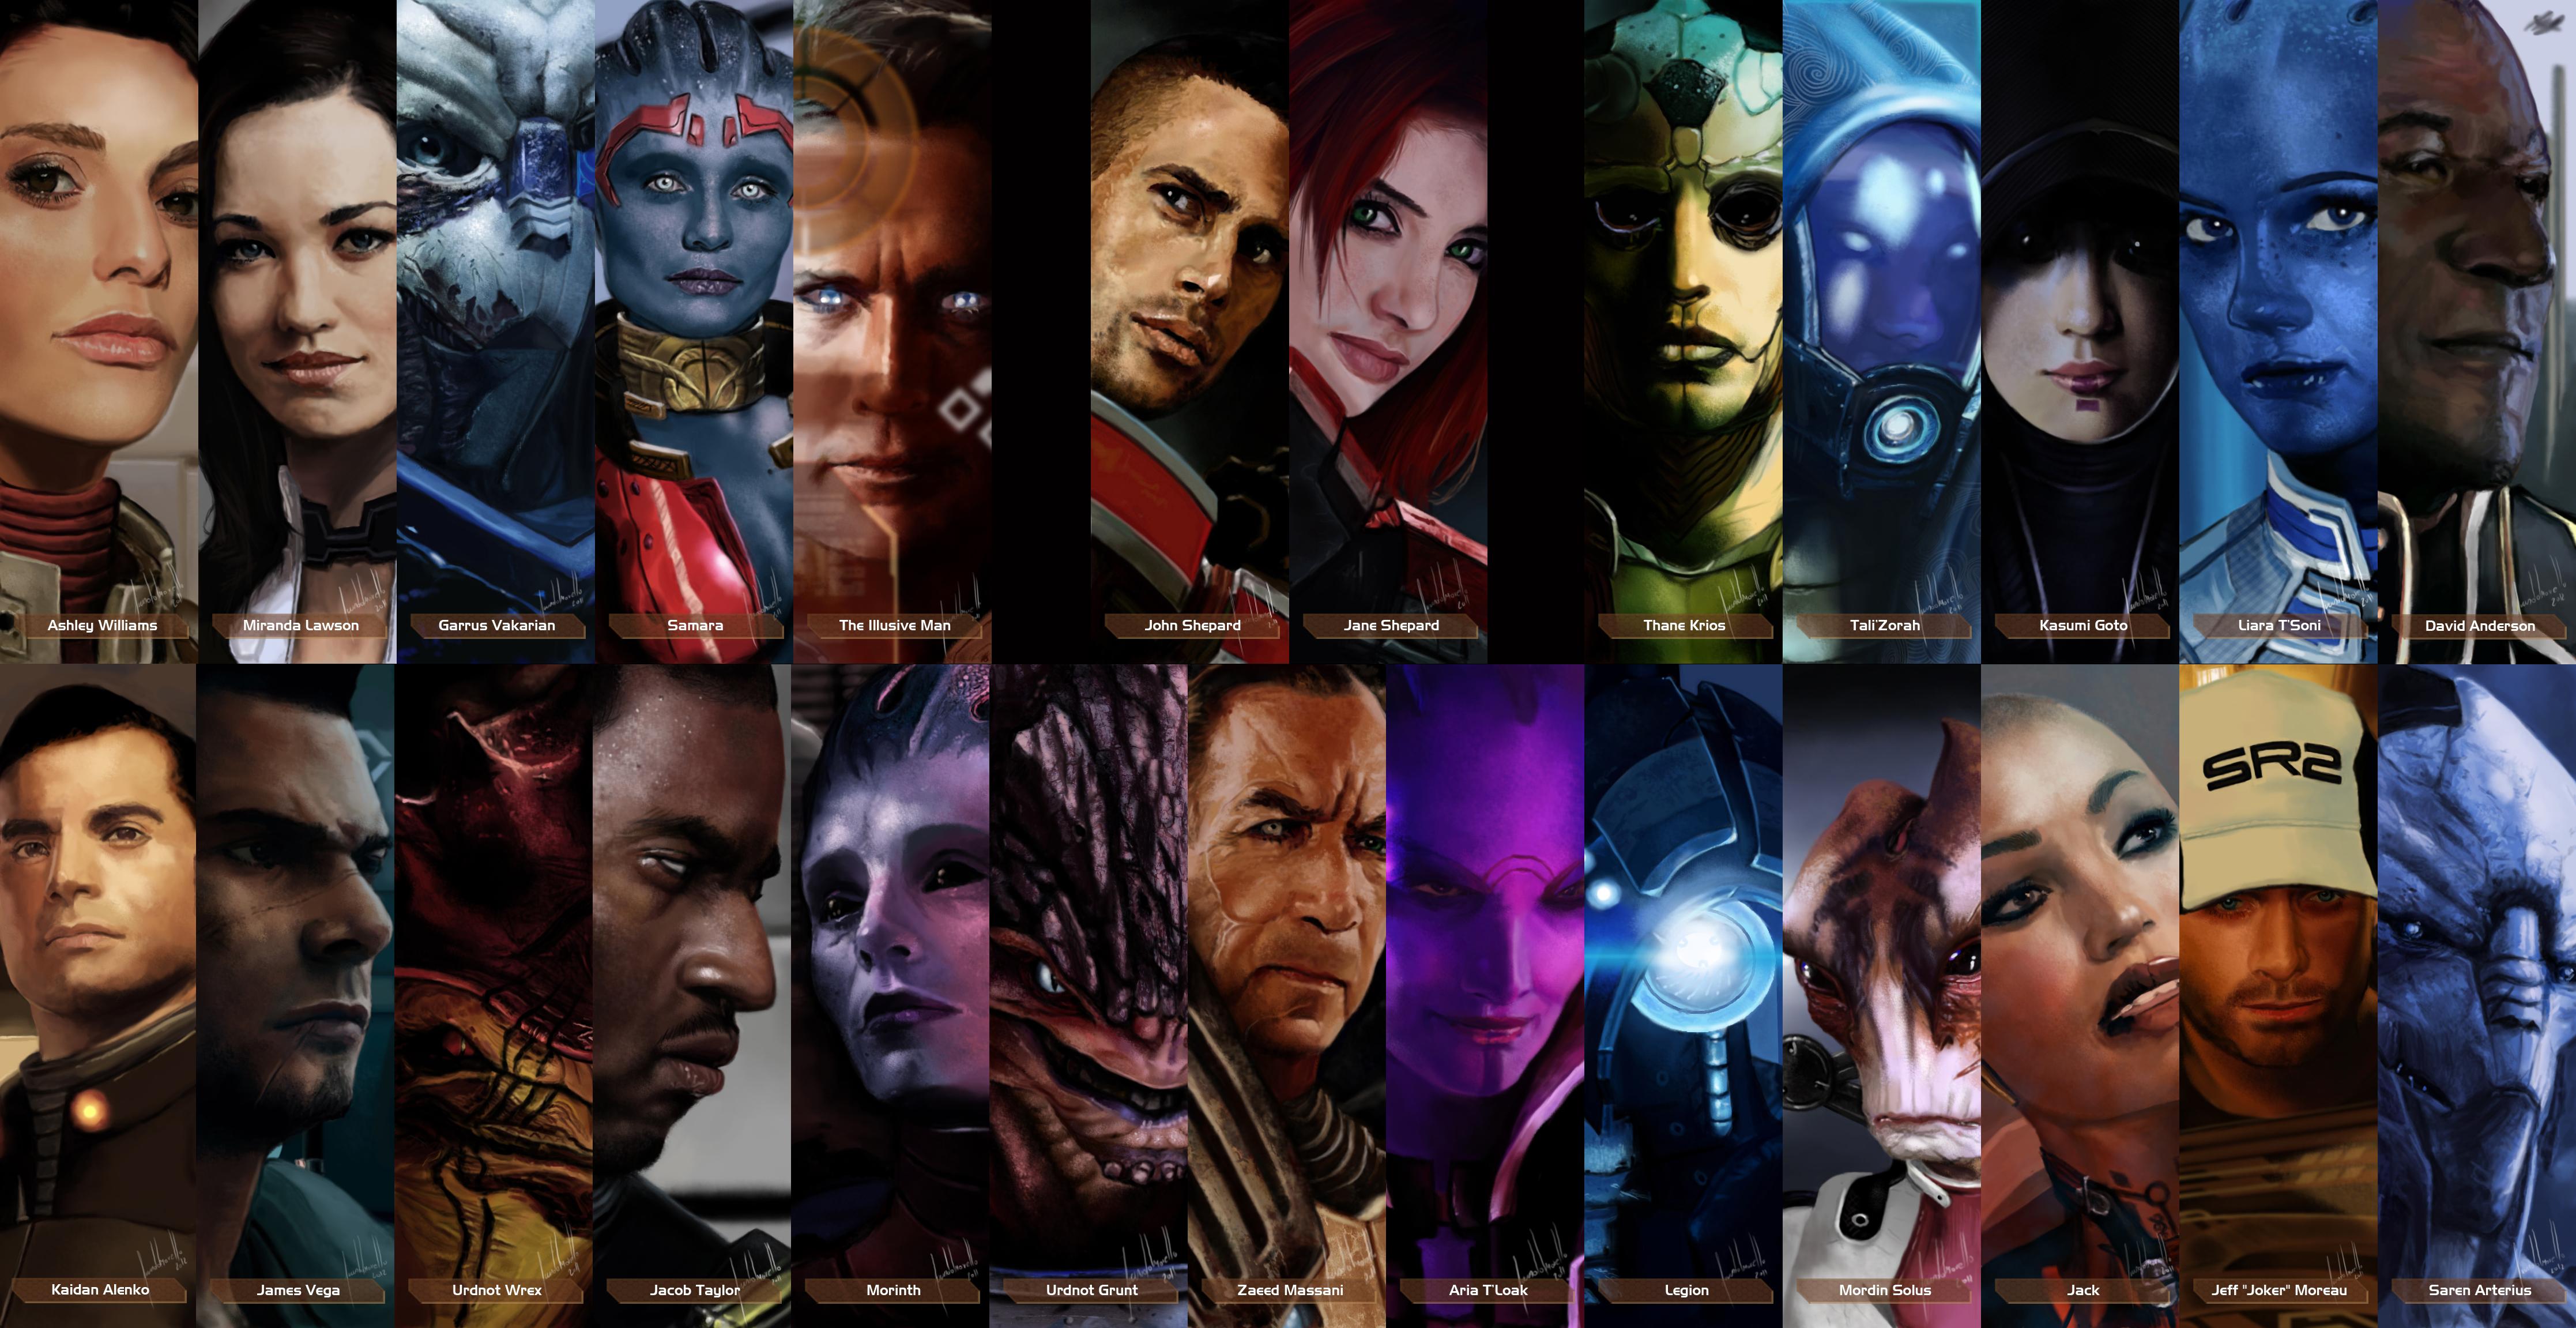 Art - Mass Effect Legendary Edition